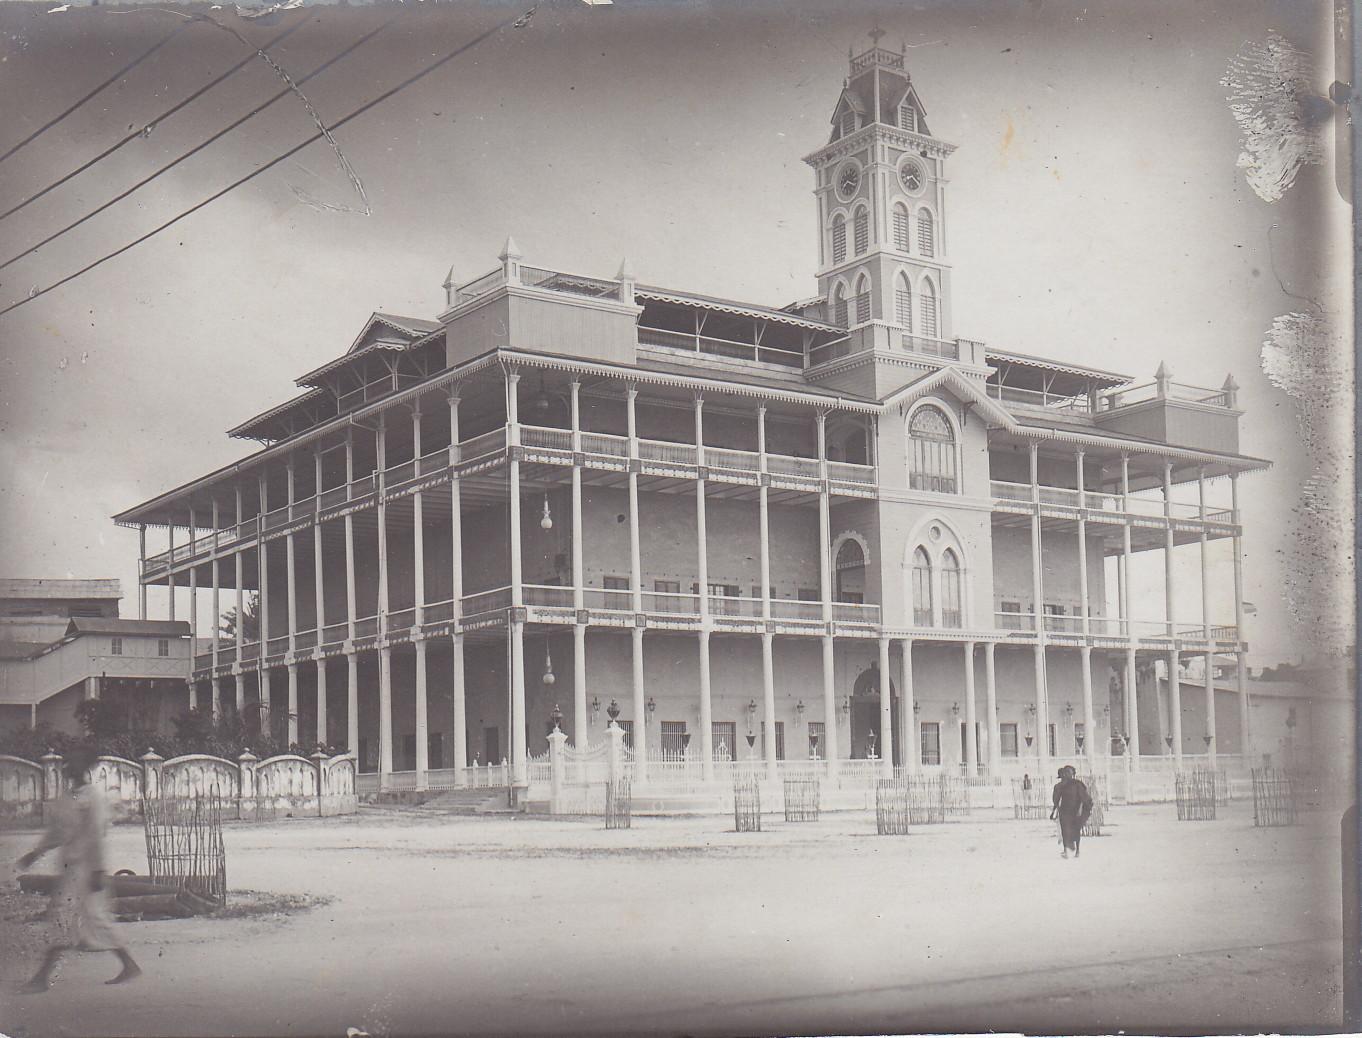 Sultans-Palast in Sansibar